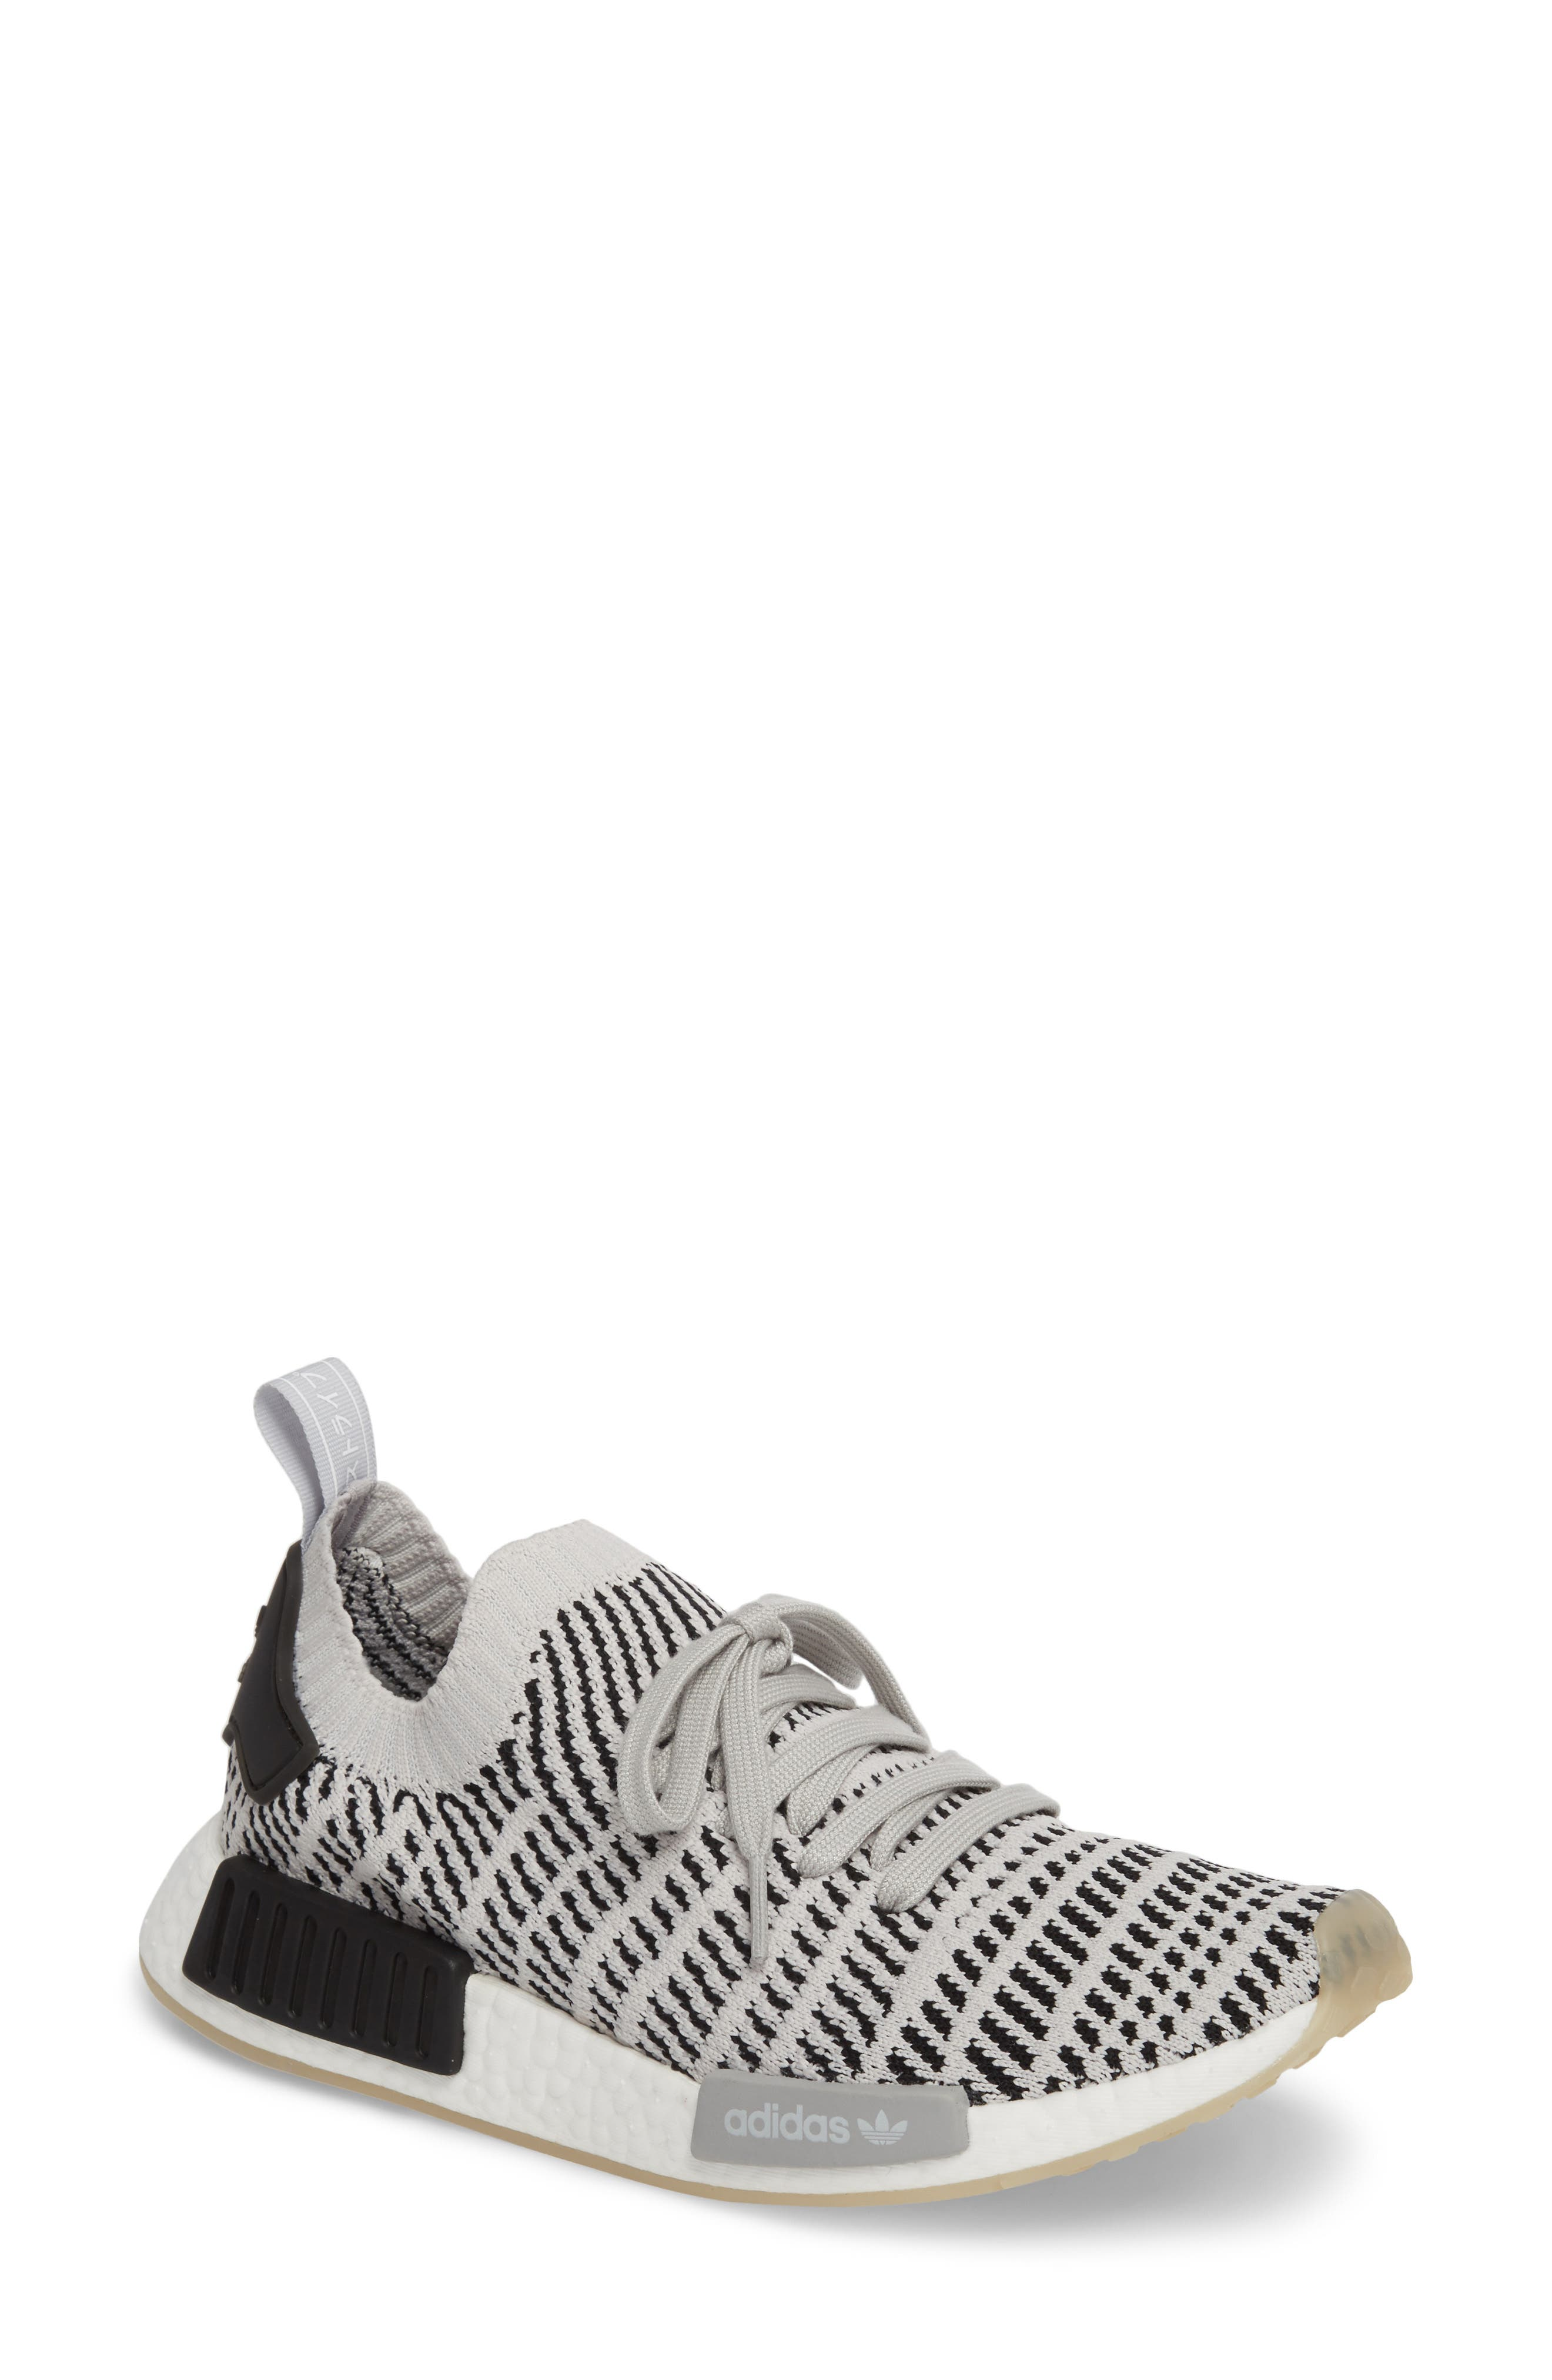 buy popular eb710 5b7a9 Two In Nmd Sneaker Adidas Grey R1 Primeknit Originals Grey Stlt BwWOA8q